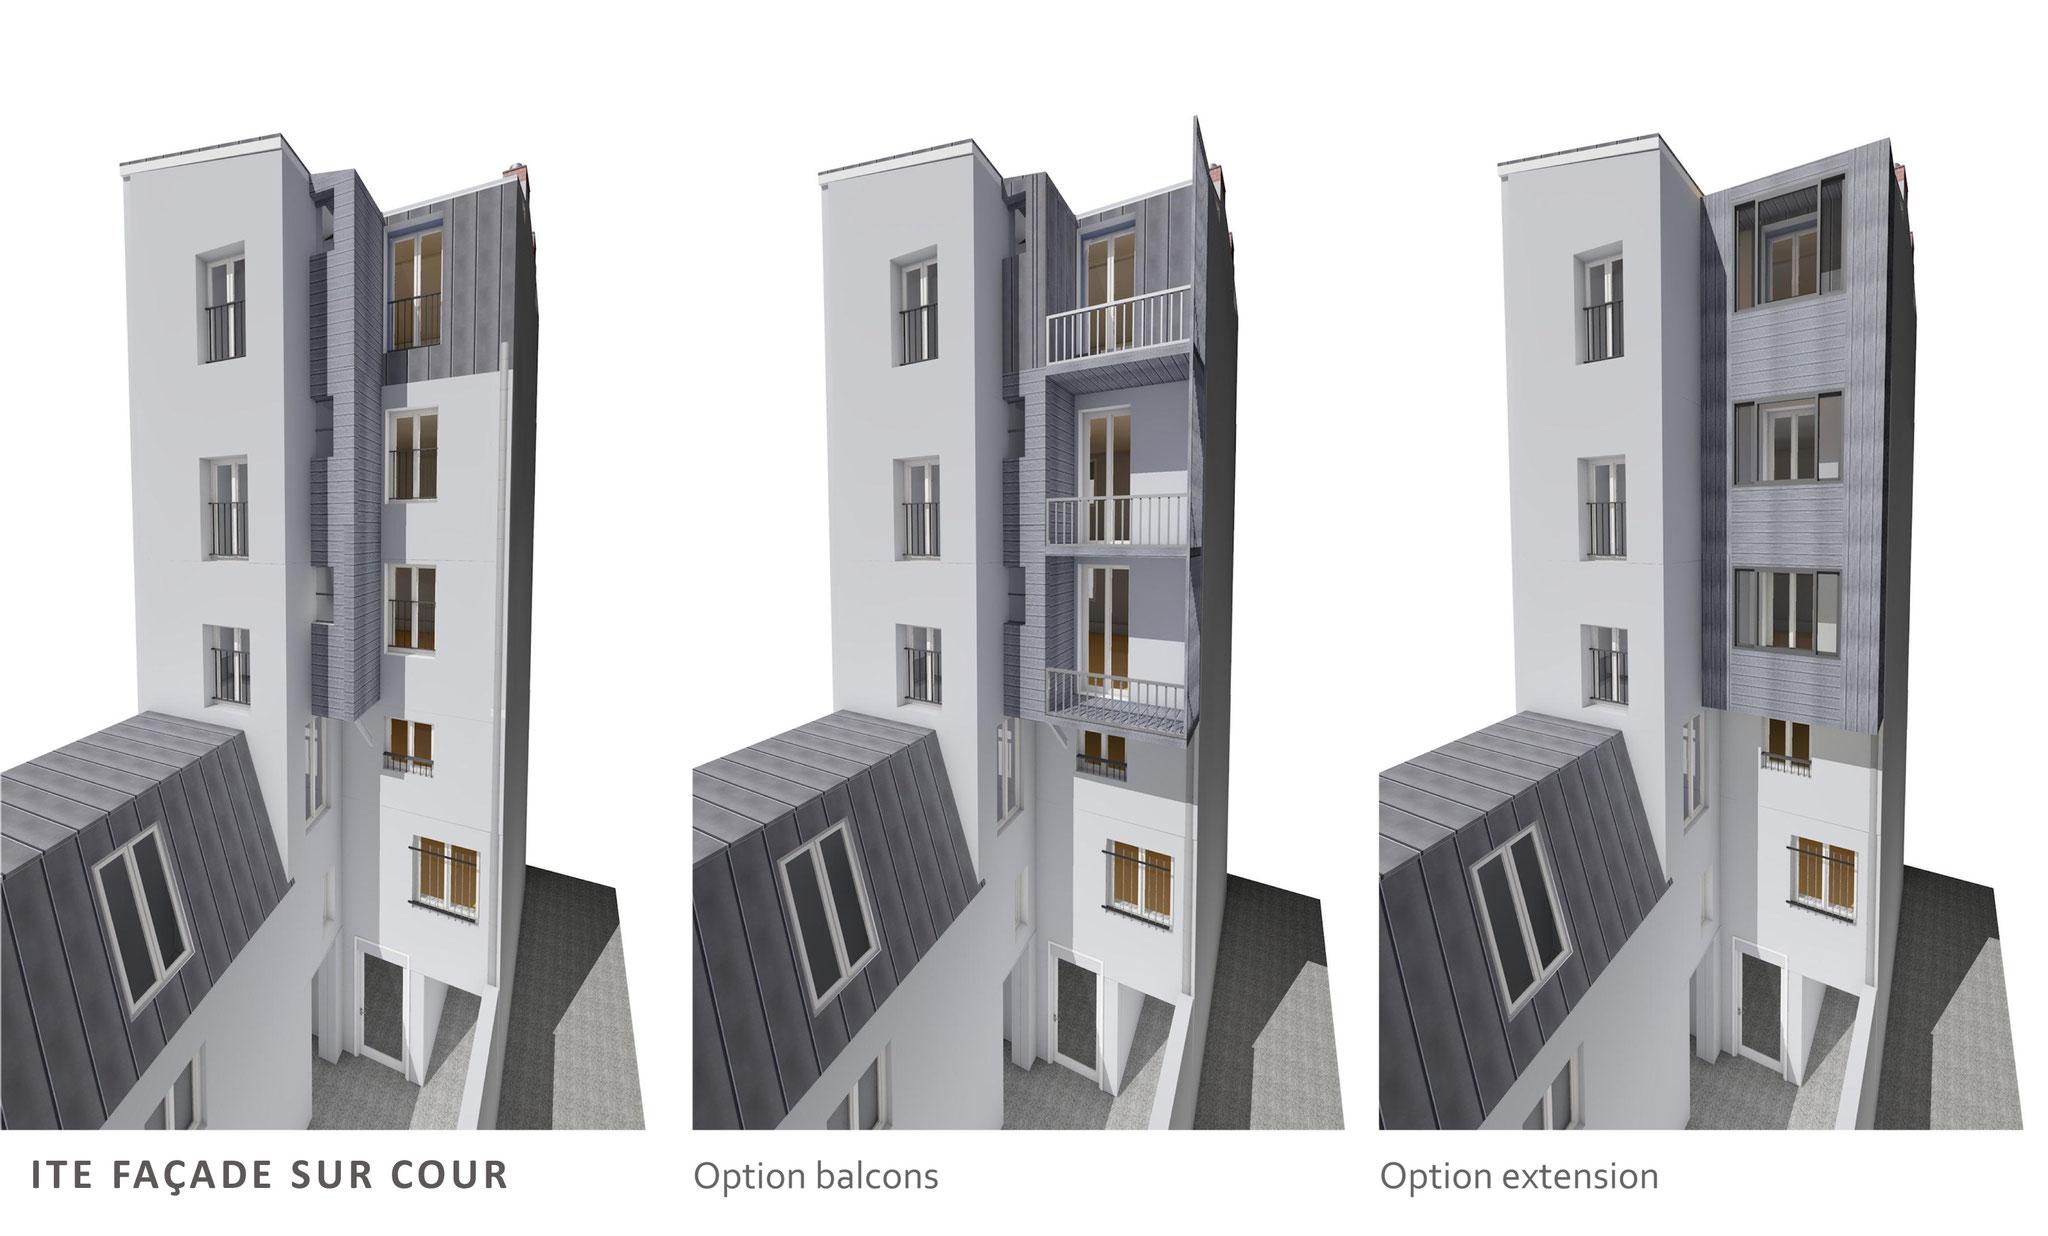 AVANT PROJET: options façade sur cour